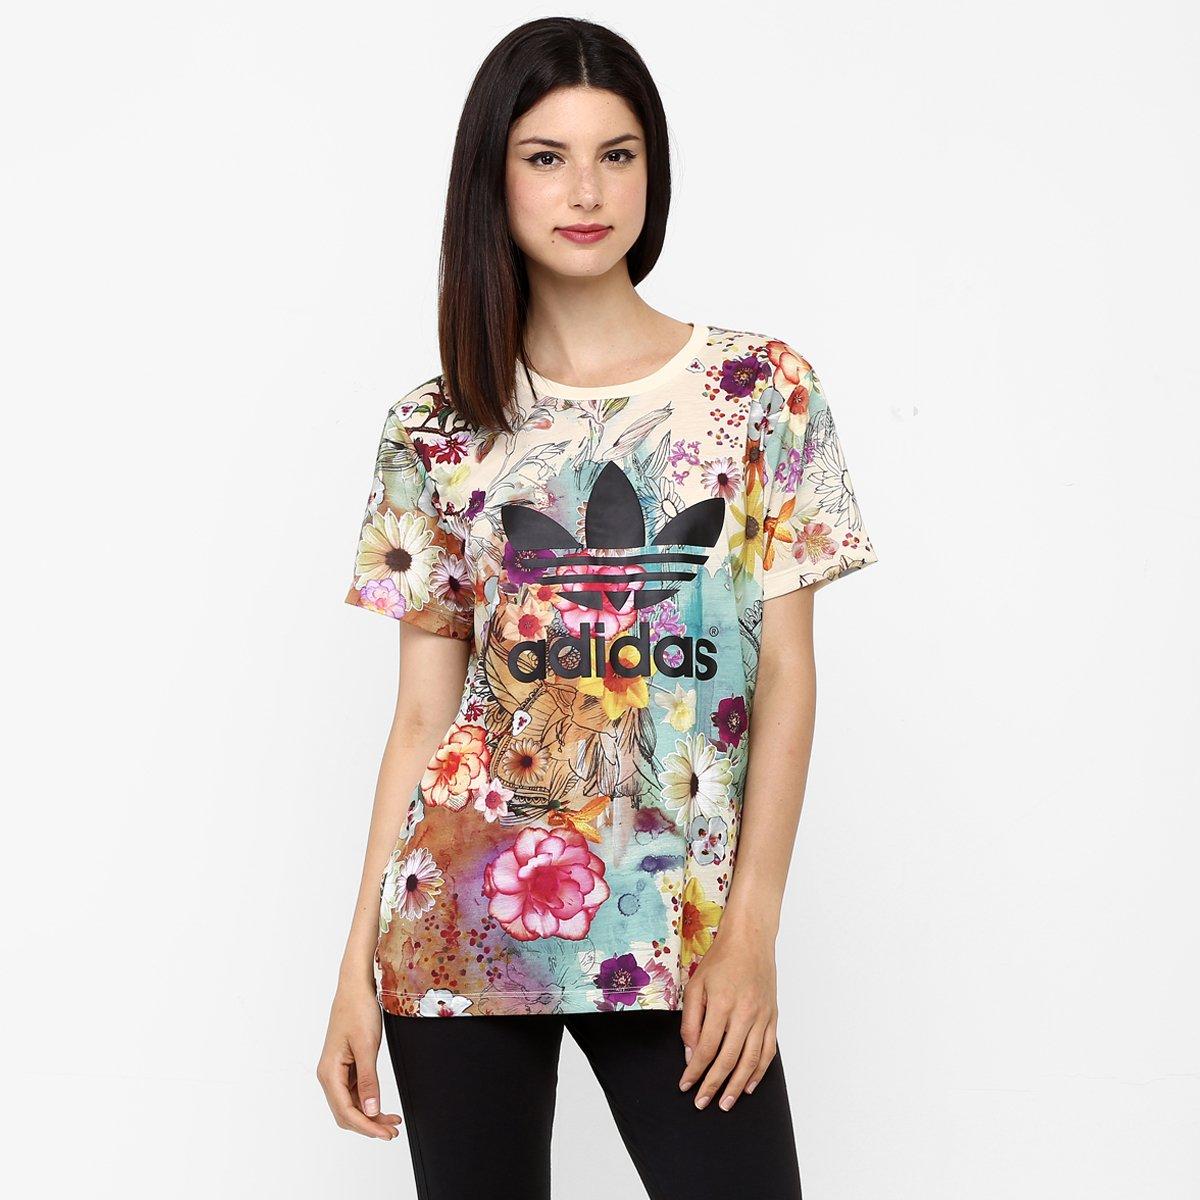 56d0d24bda5 Camiseta Adidas Bf Trefoil - Compre Agora